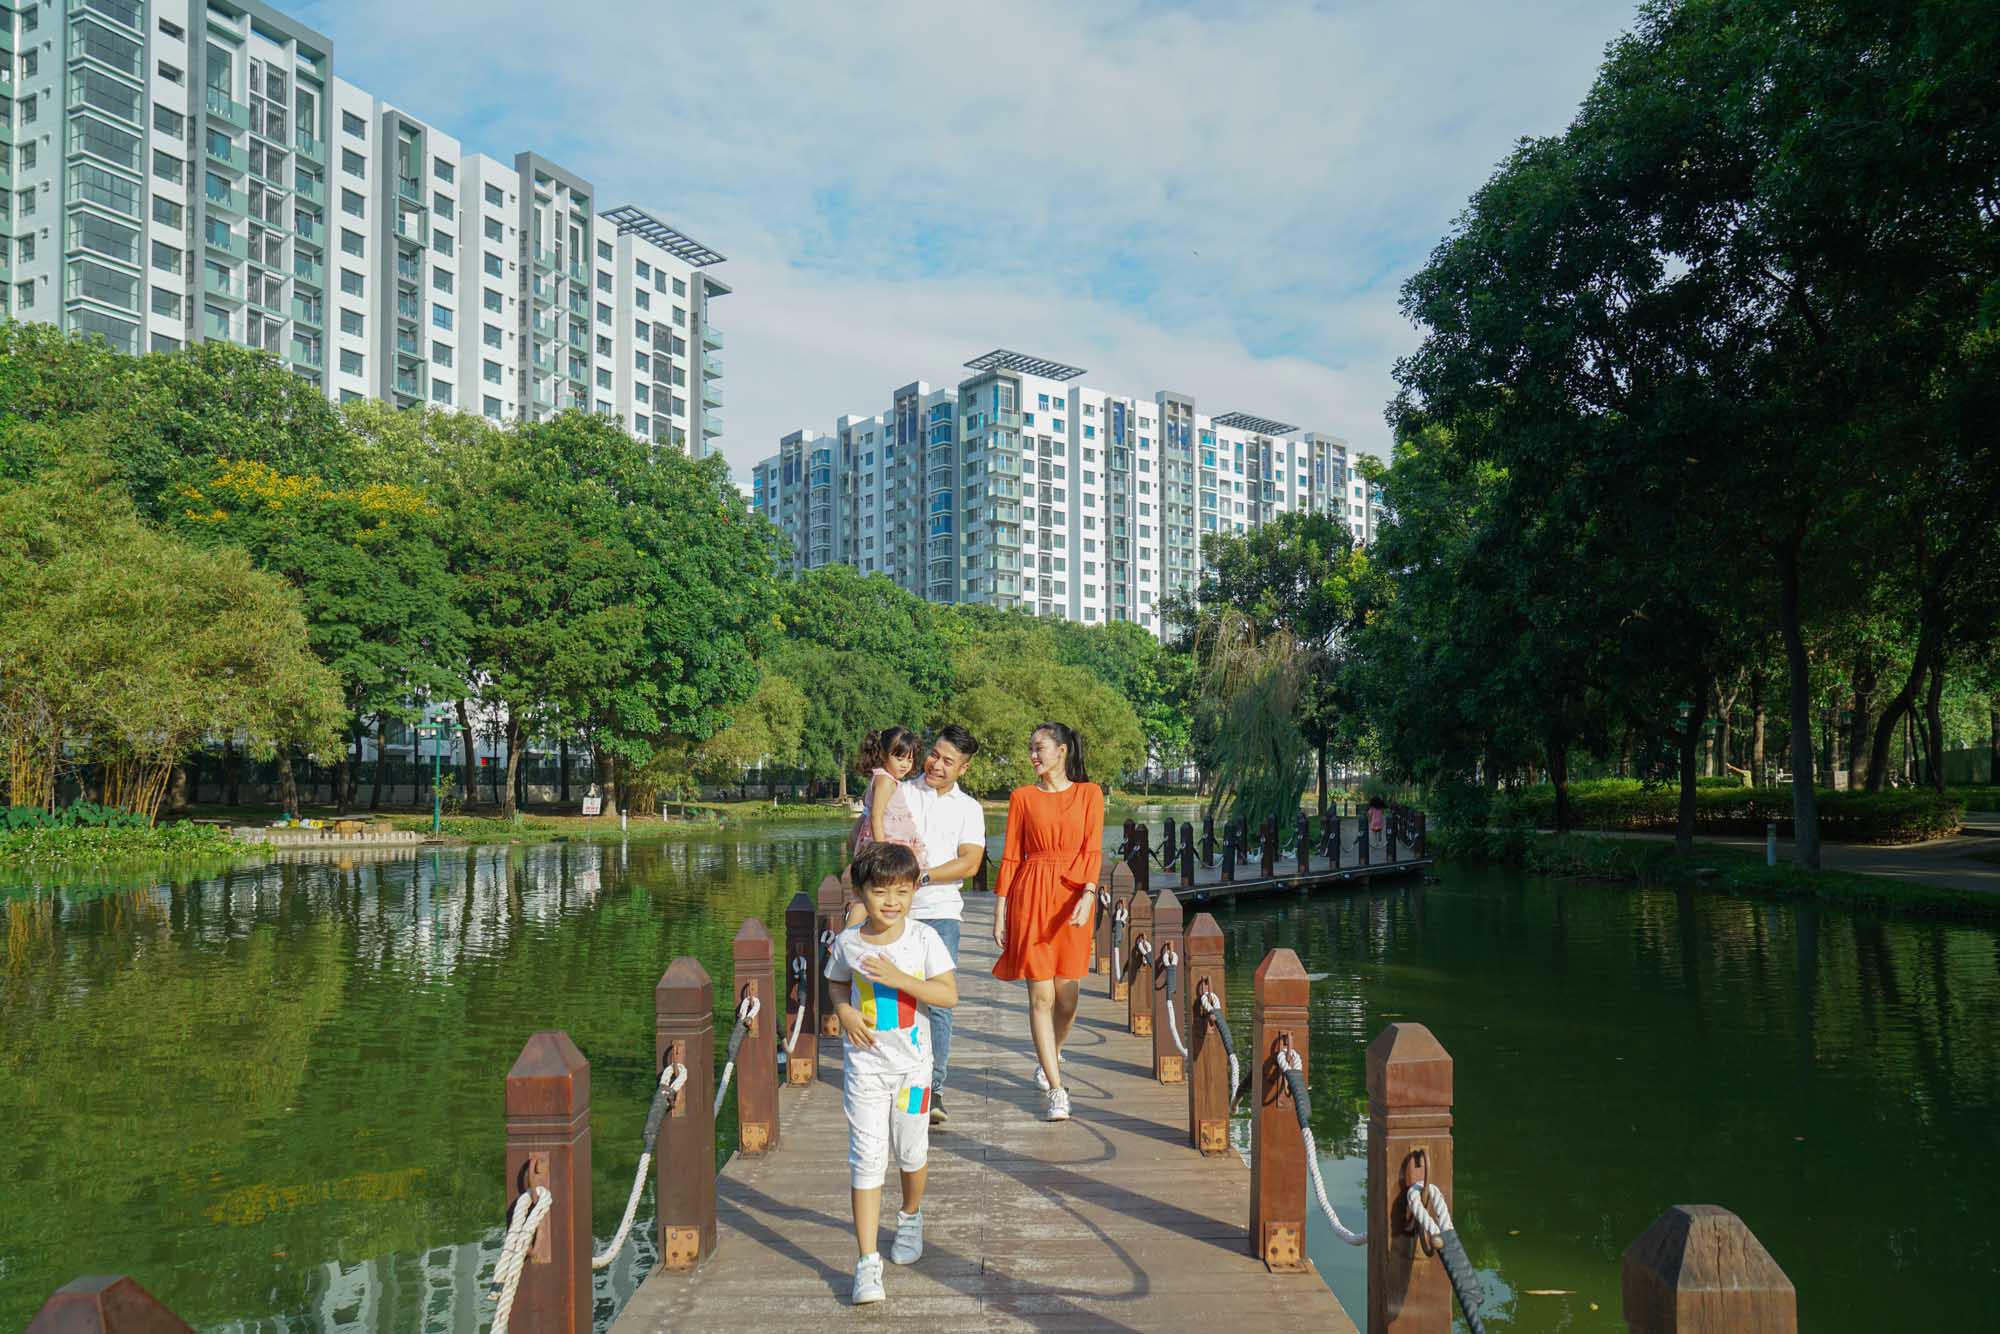 """Trải nghiệm 'Phim trường 82 hecta' phía Tây Sài Gòn với cuộc thi """"Qua lăng kính 2020: Nét đẹp Celadon City"""""""